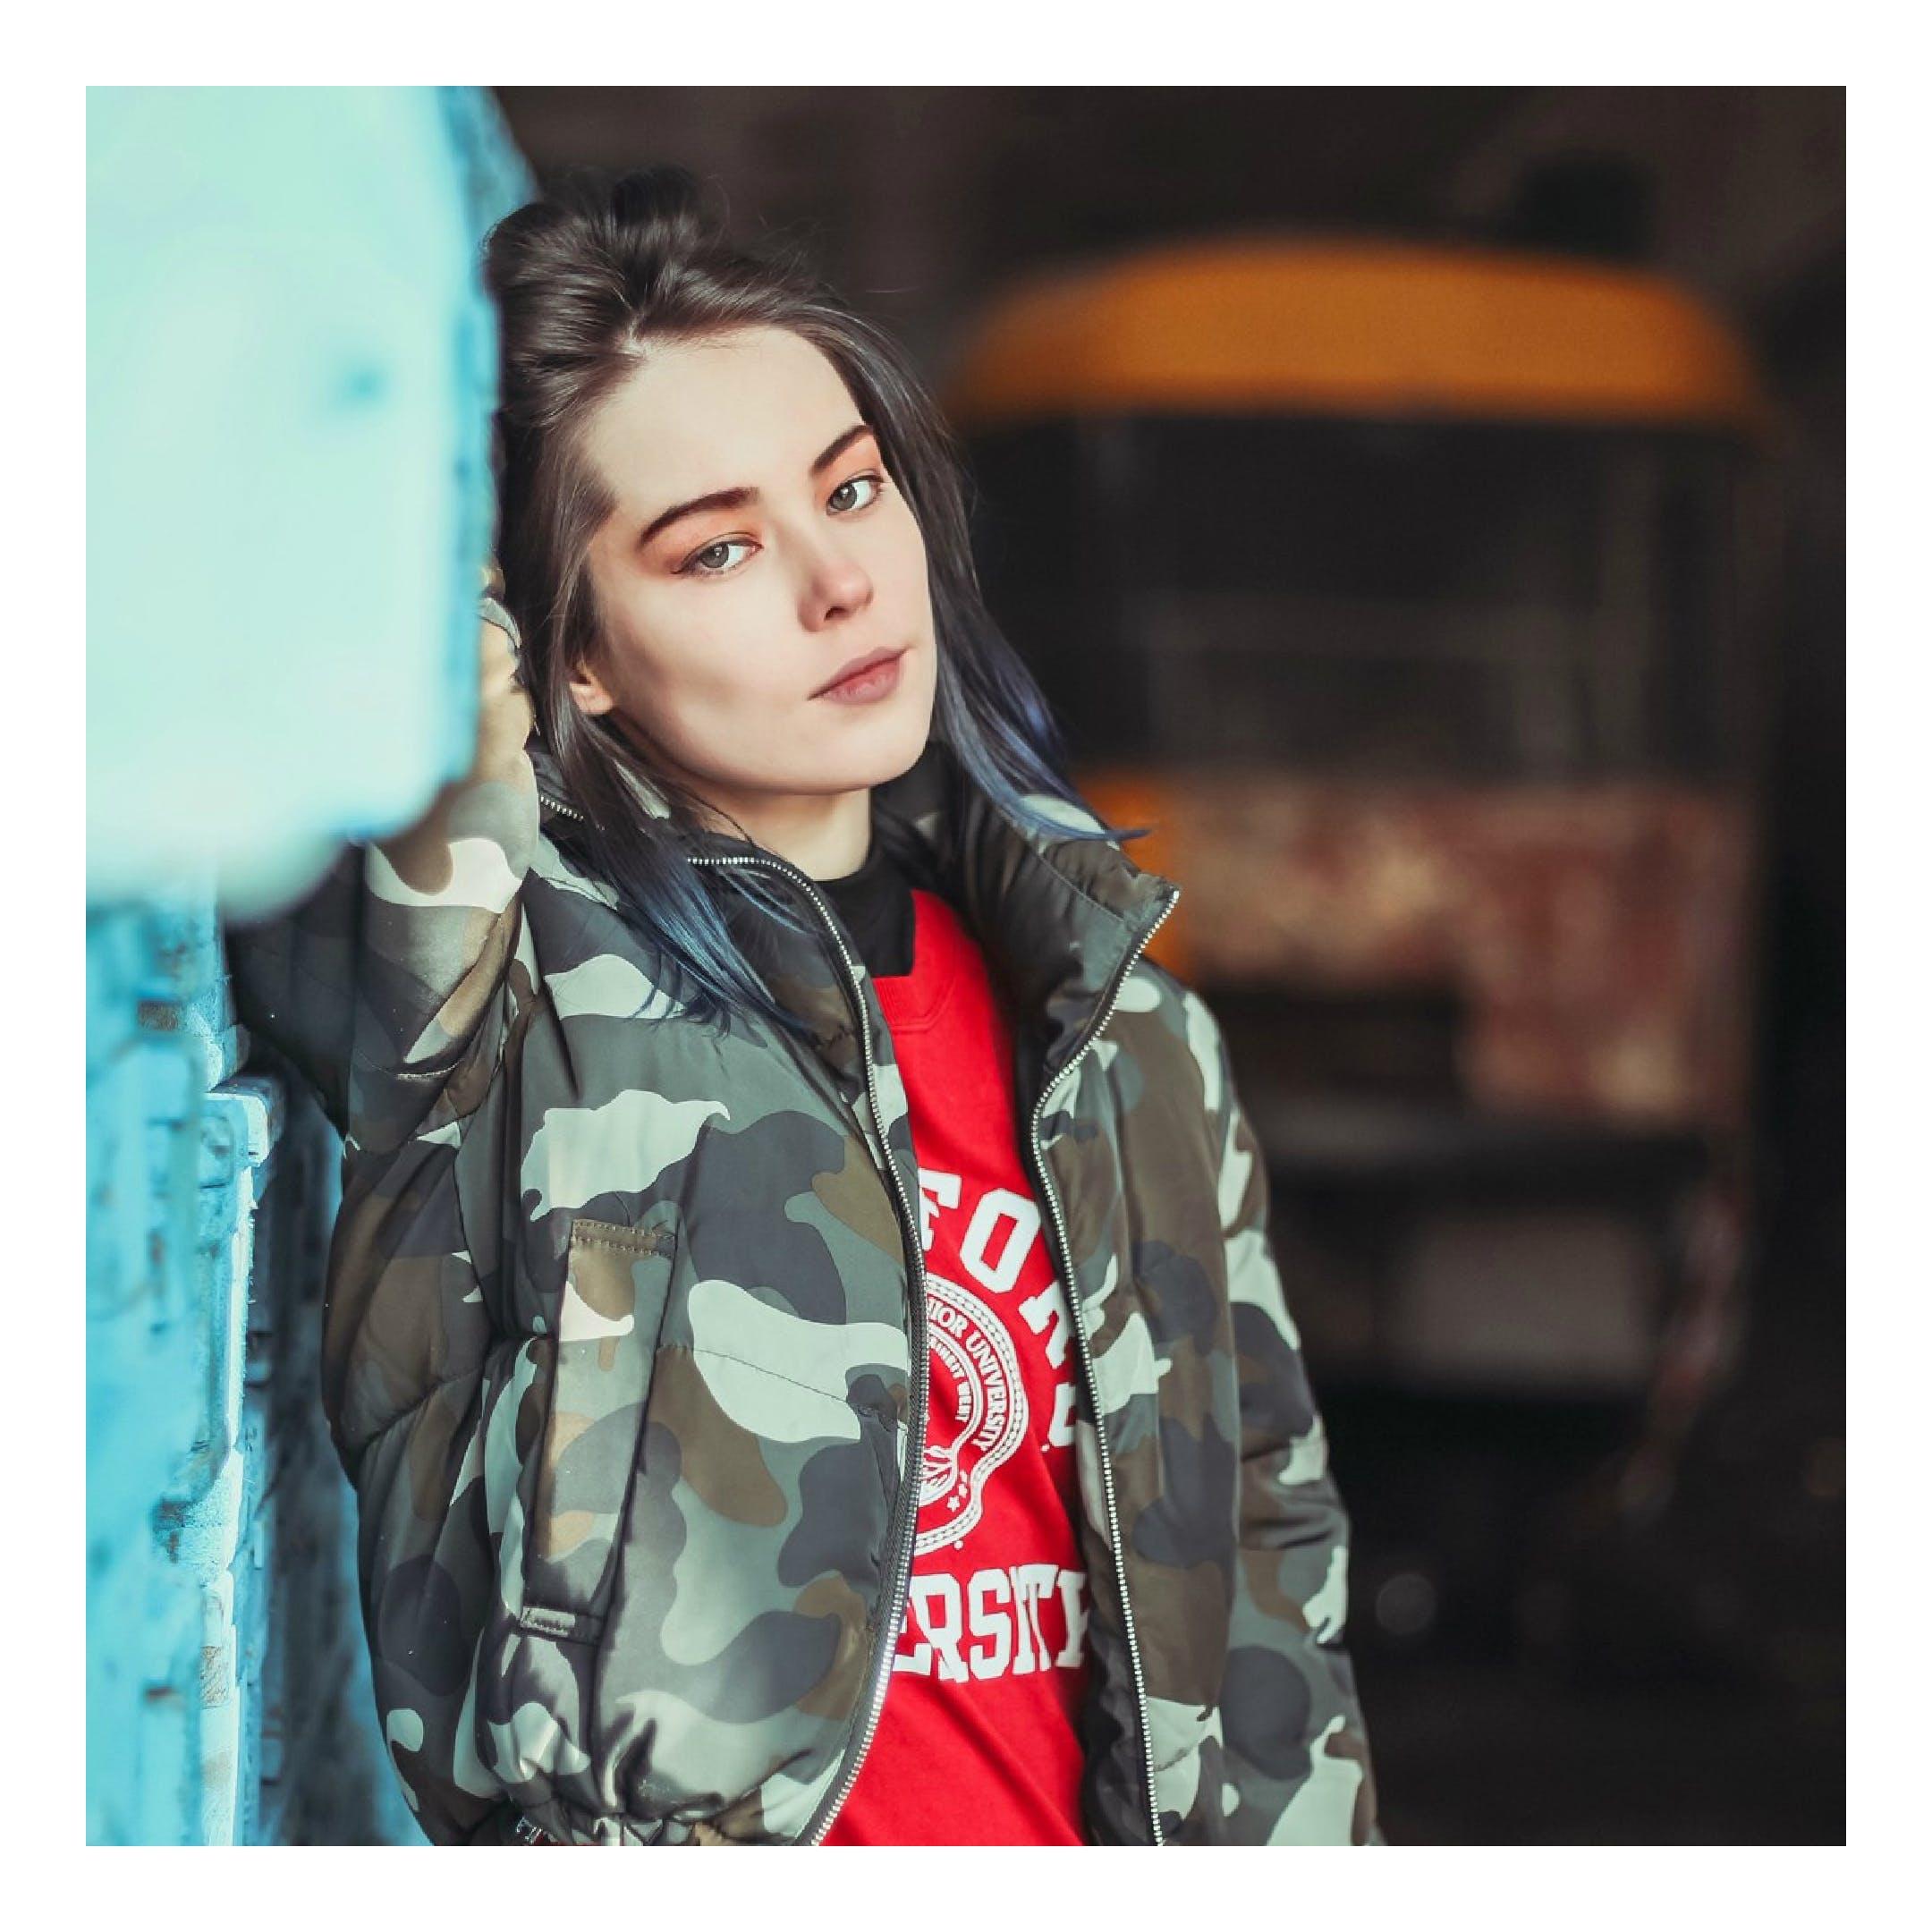 Kostnadsfri bild av flicka, ha på sig, jacka, kvinna